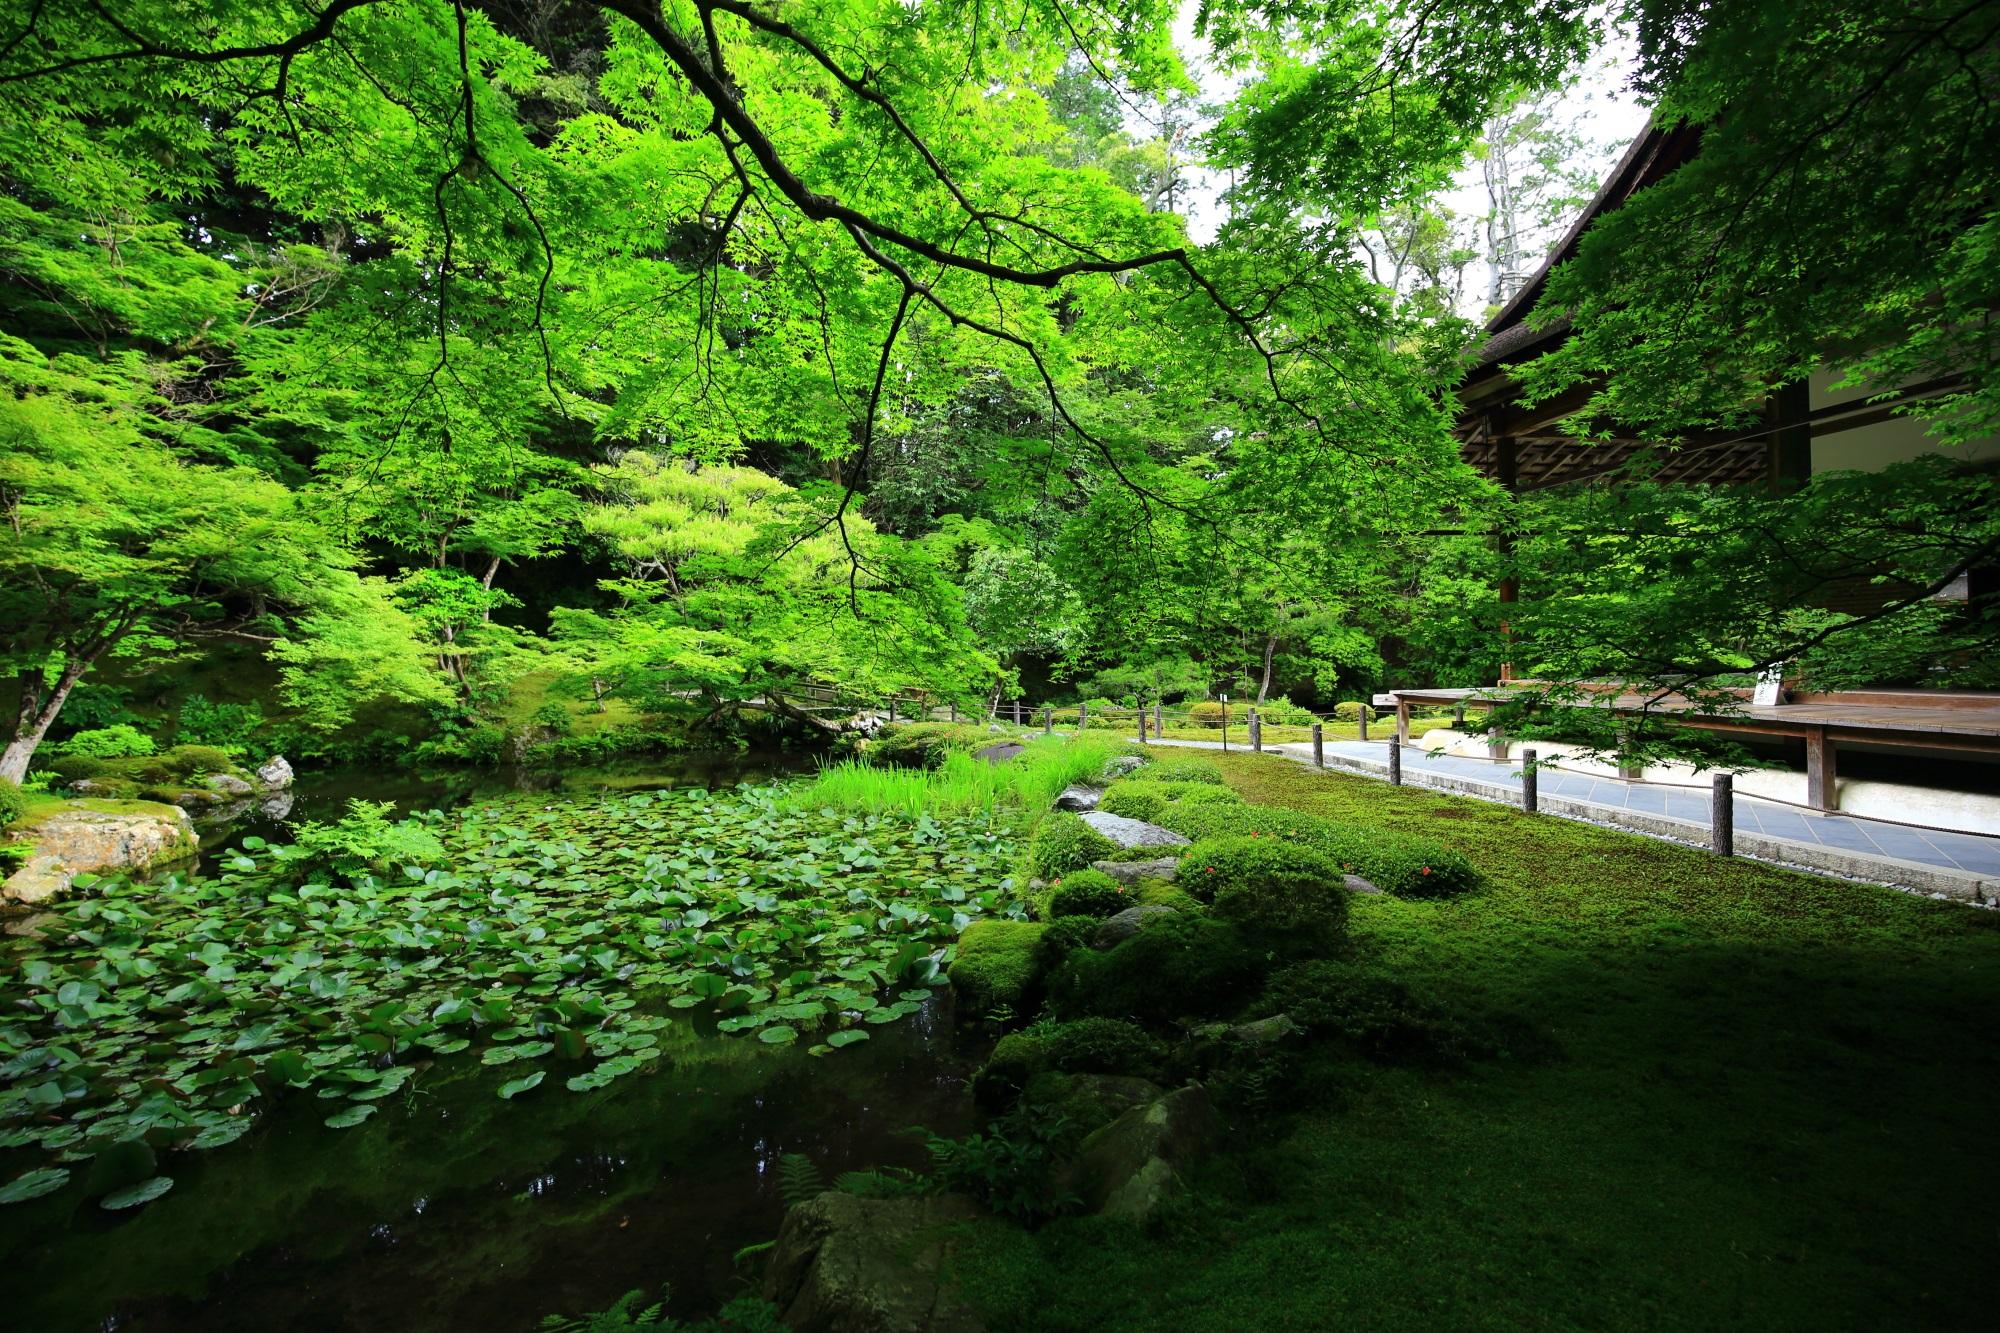 南禅寺別院の南禅院の鮮やかな青もみじと池